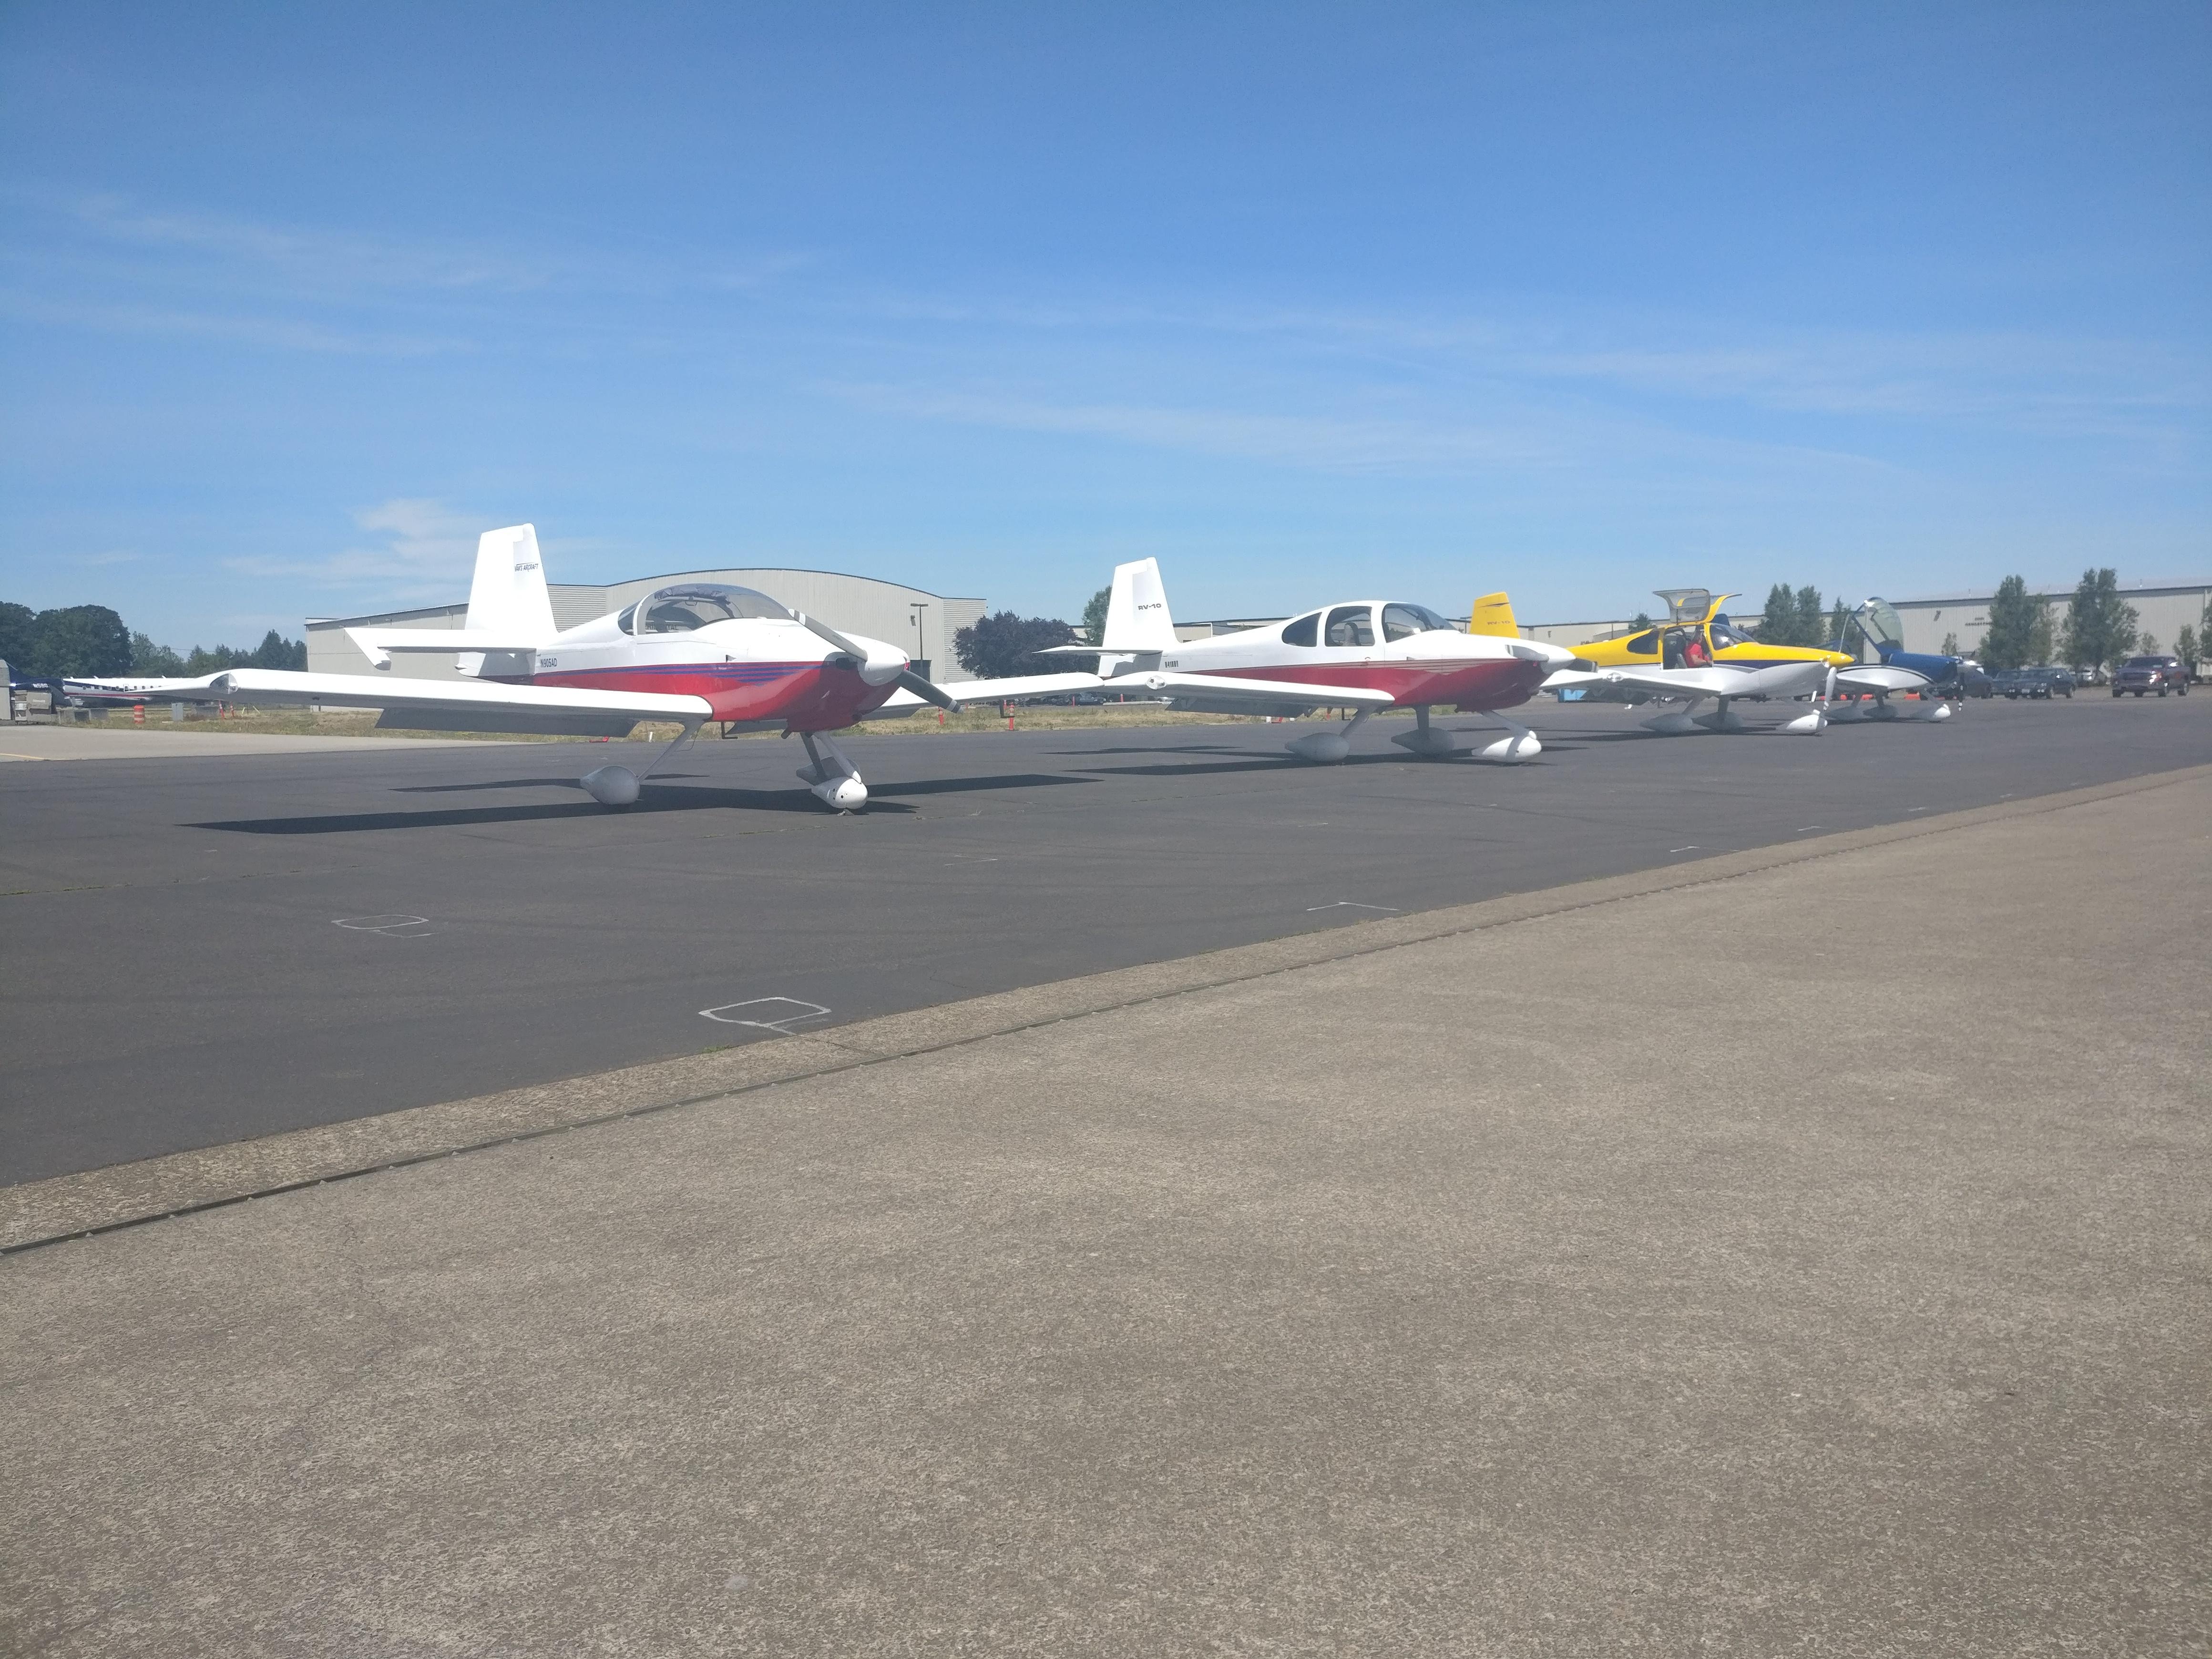 λ Tony's Blog λ - Van's Aircraft Factory visit 2019-06-10